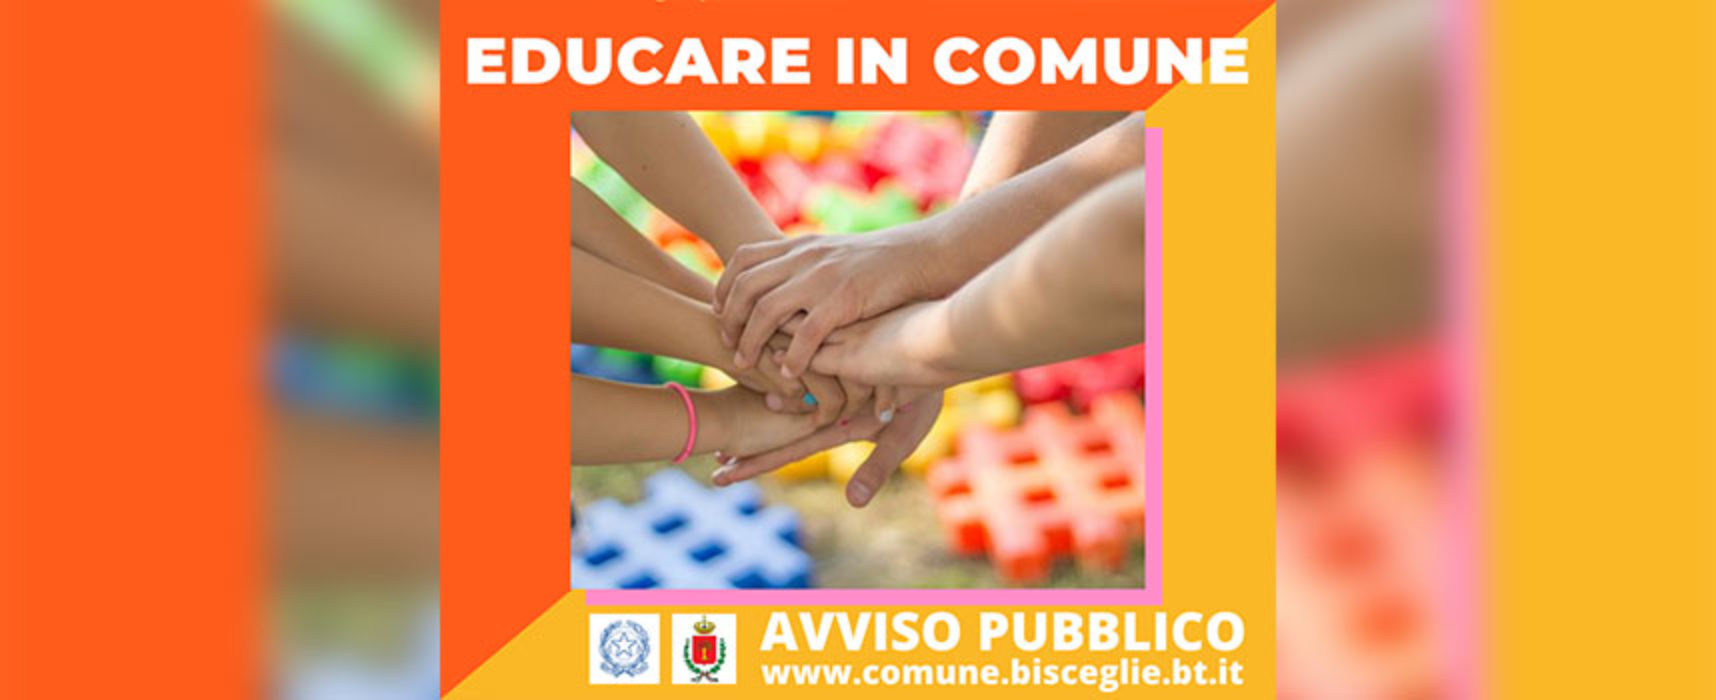 """Bando """"Educare in comune"""" per contrastare povertà educativa ed esclusione sociale"""